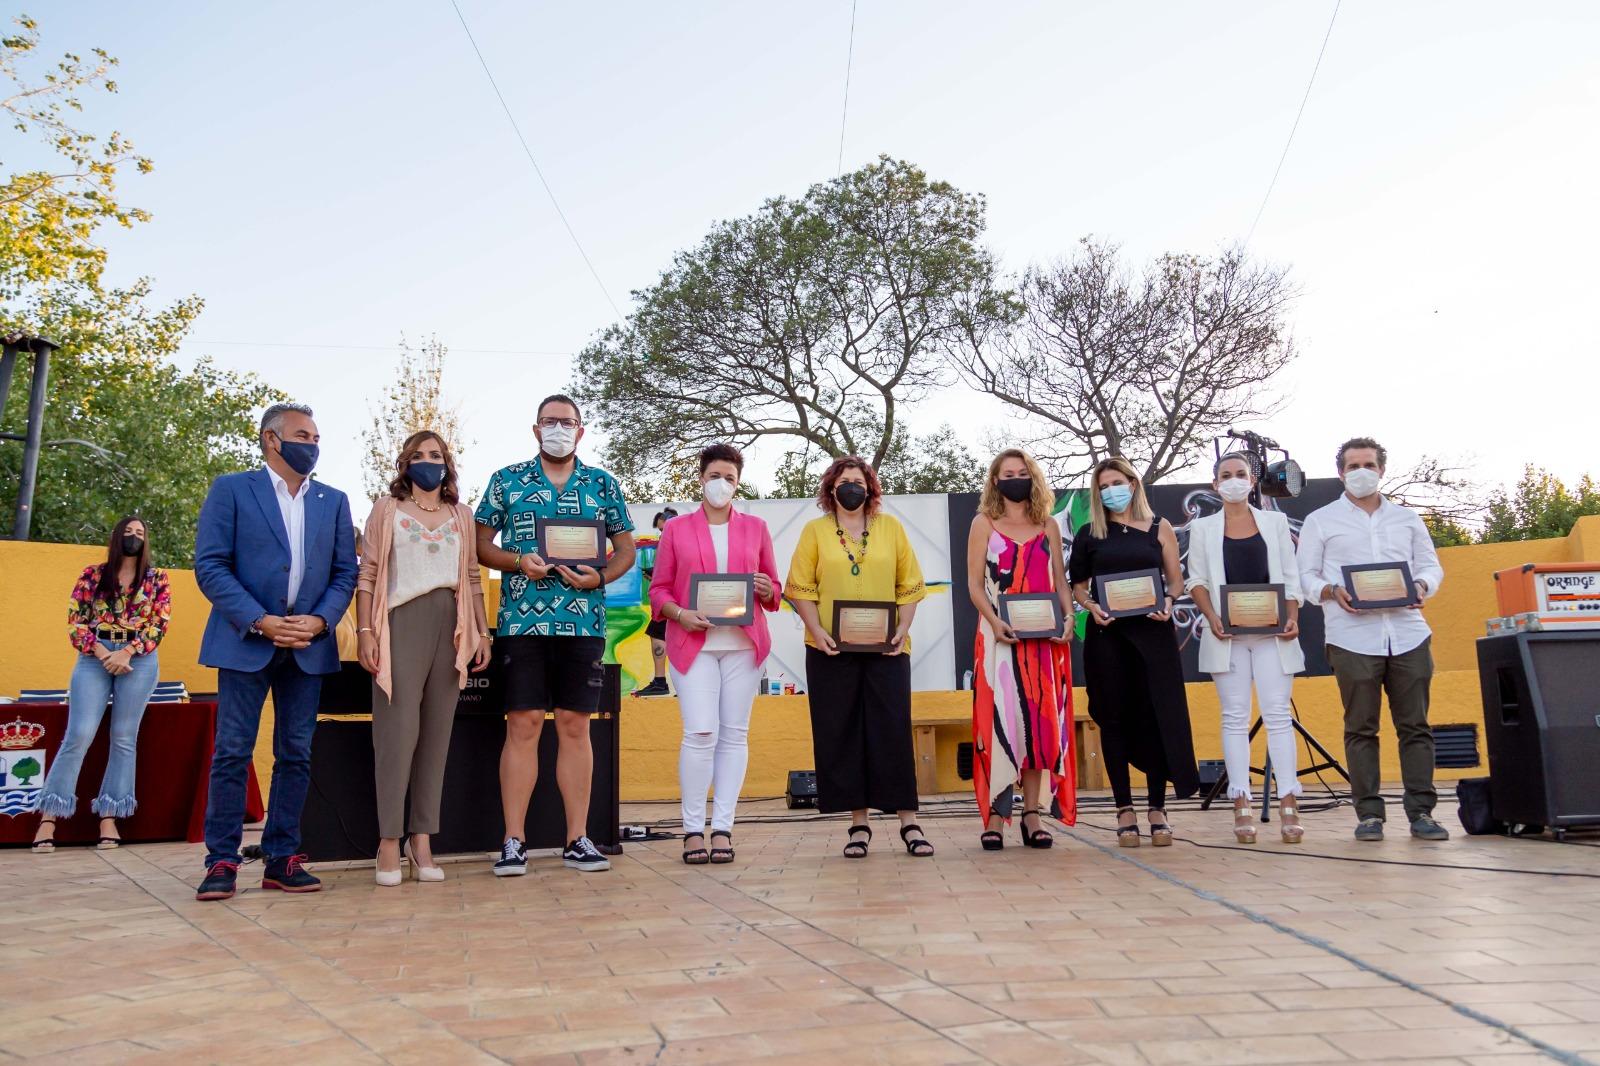 El Ayuntamiento de Isla Cristina rinde homenaje ala Comunidad Educativa tras un curso marcado pro la Pandemia